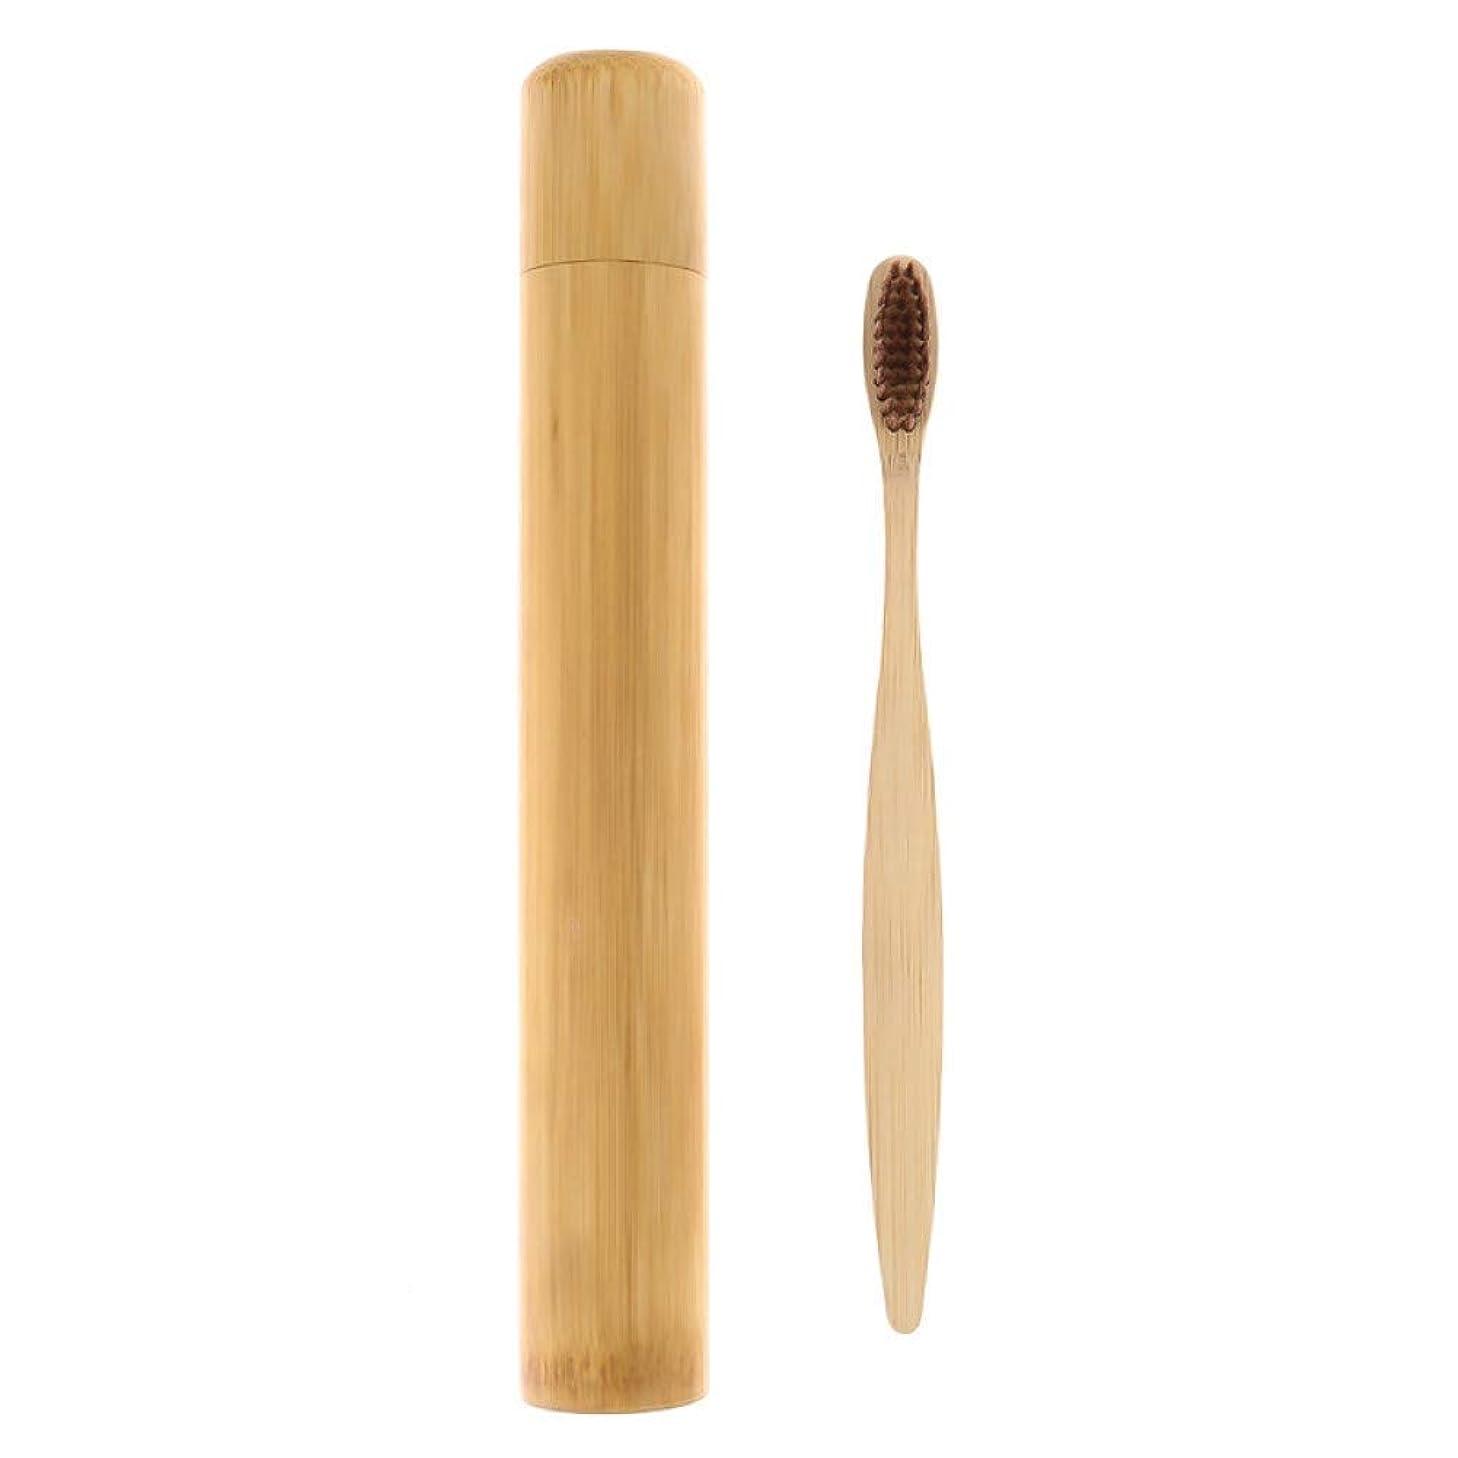 胃唯物論初期竹の歯ブラシフレンドリーな柔らかい毛竹繊維木製ハンドル竹歯ブラシチューブポータブルオーラルケアセット、